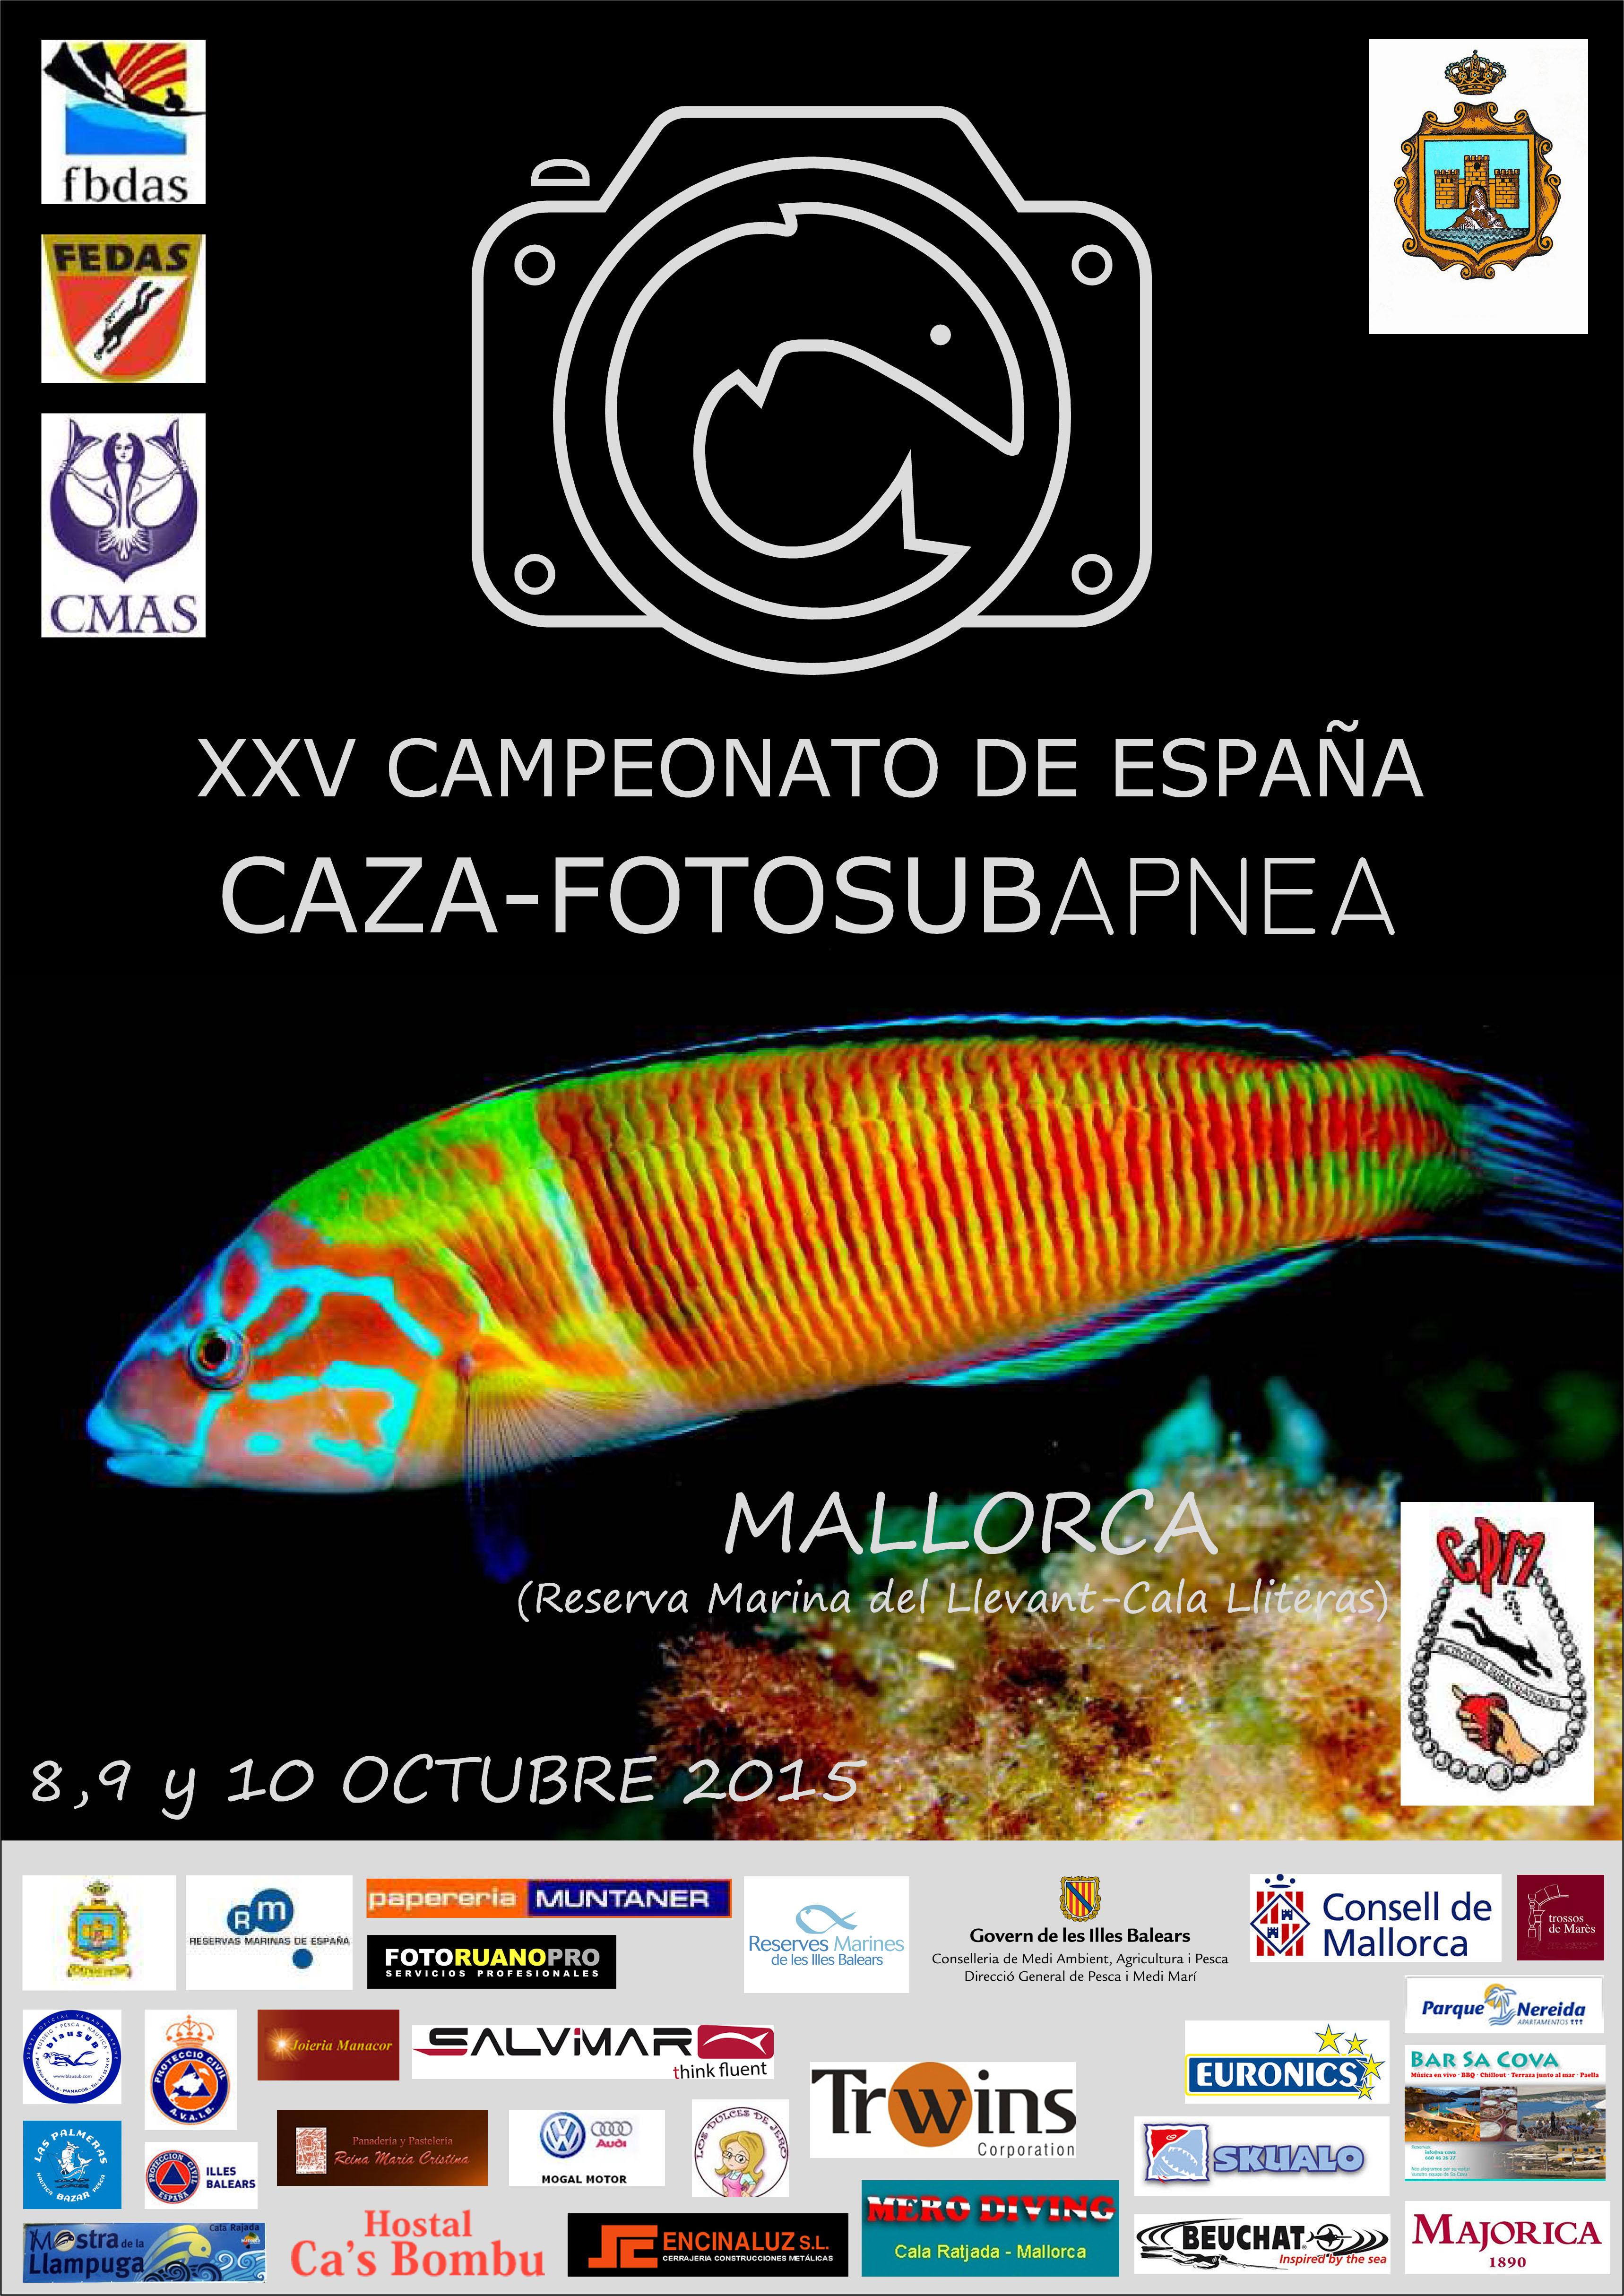 Caza-fotosubapnea: XXV campeonato de España